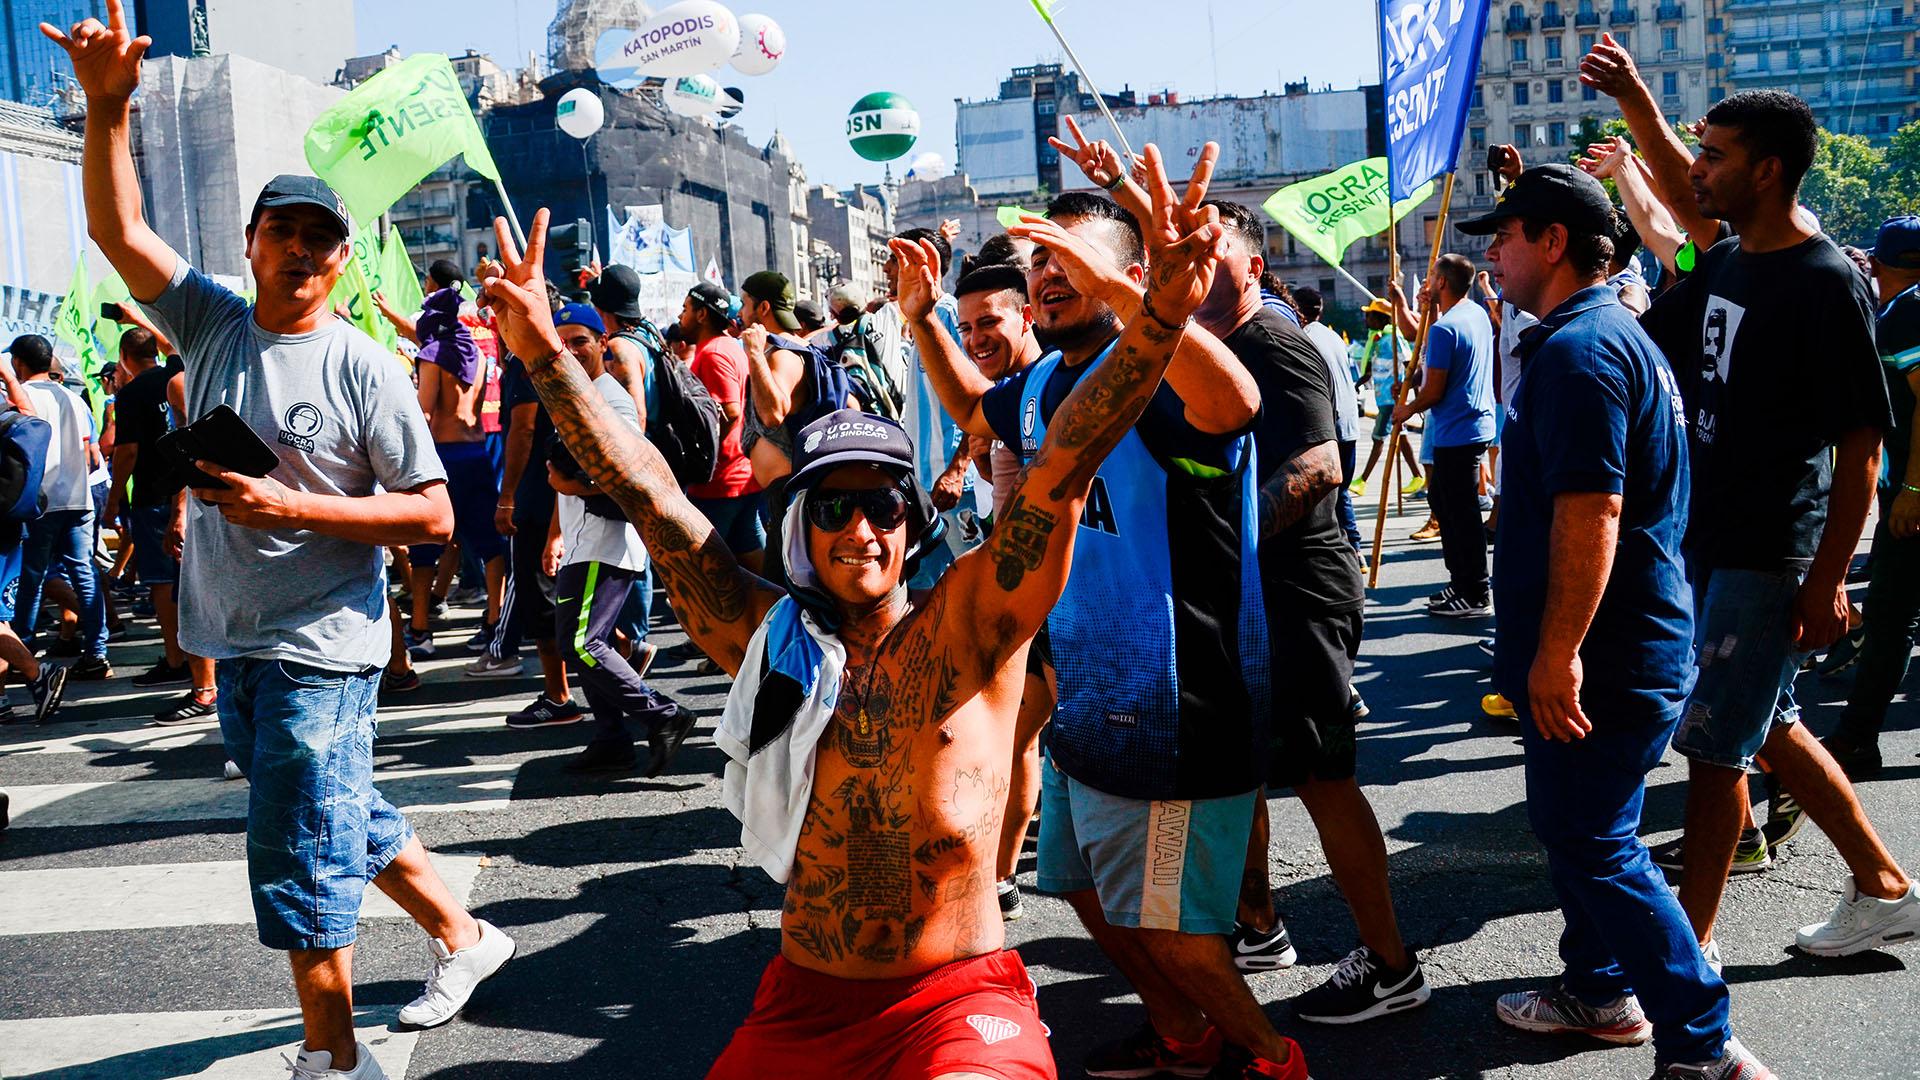 El color y las movilizaciones de militantes kirchneristas en el exterior del parlamento